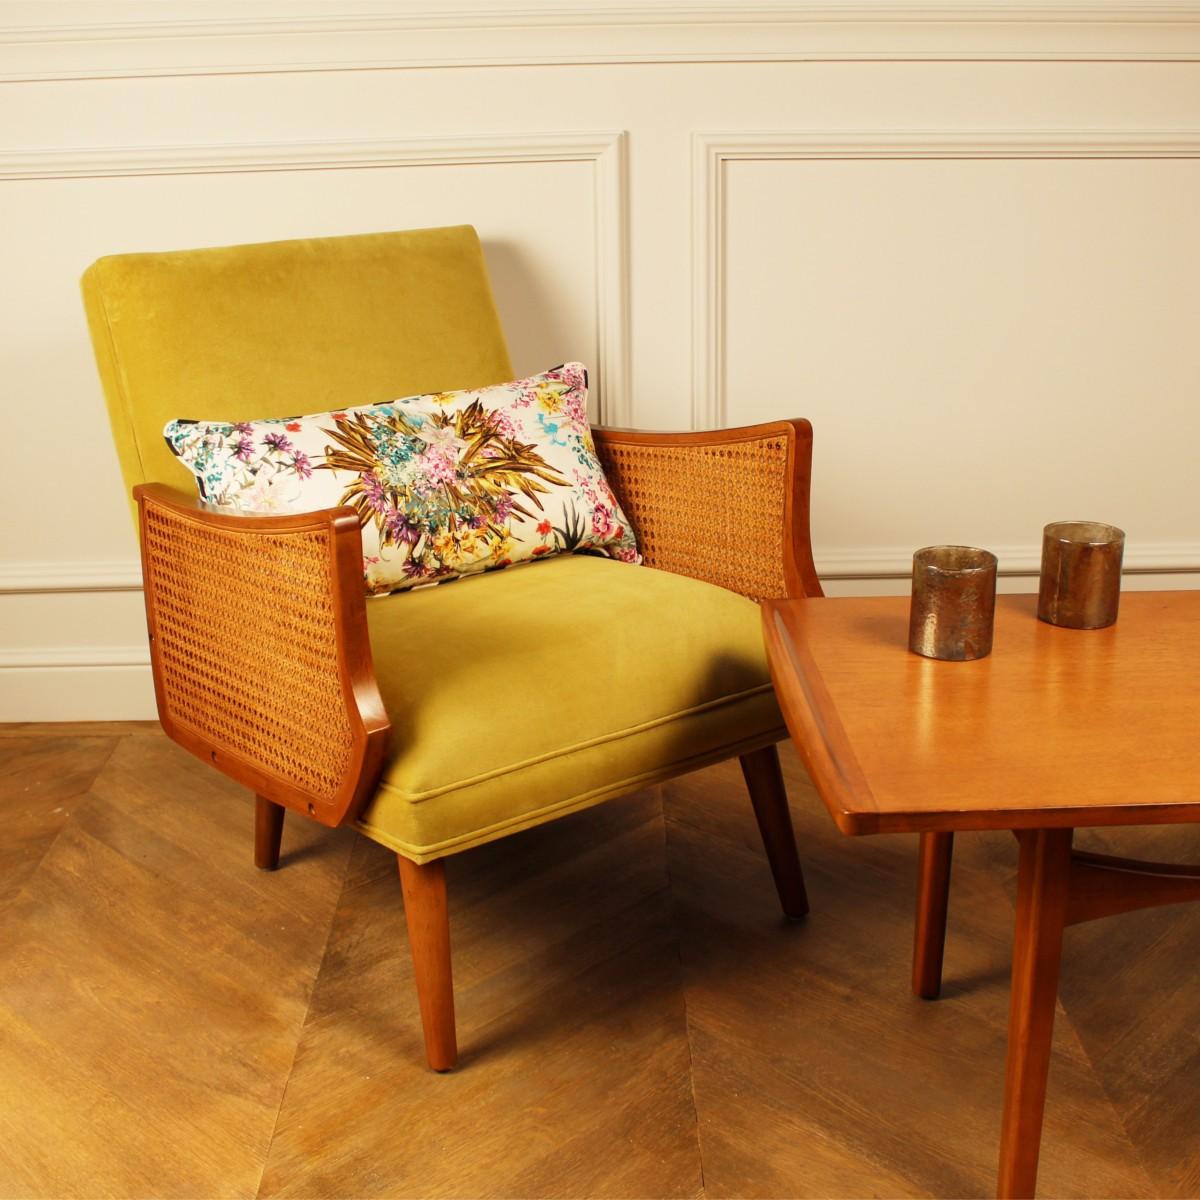 fauteuil-vintage-cuba